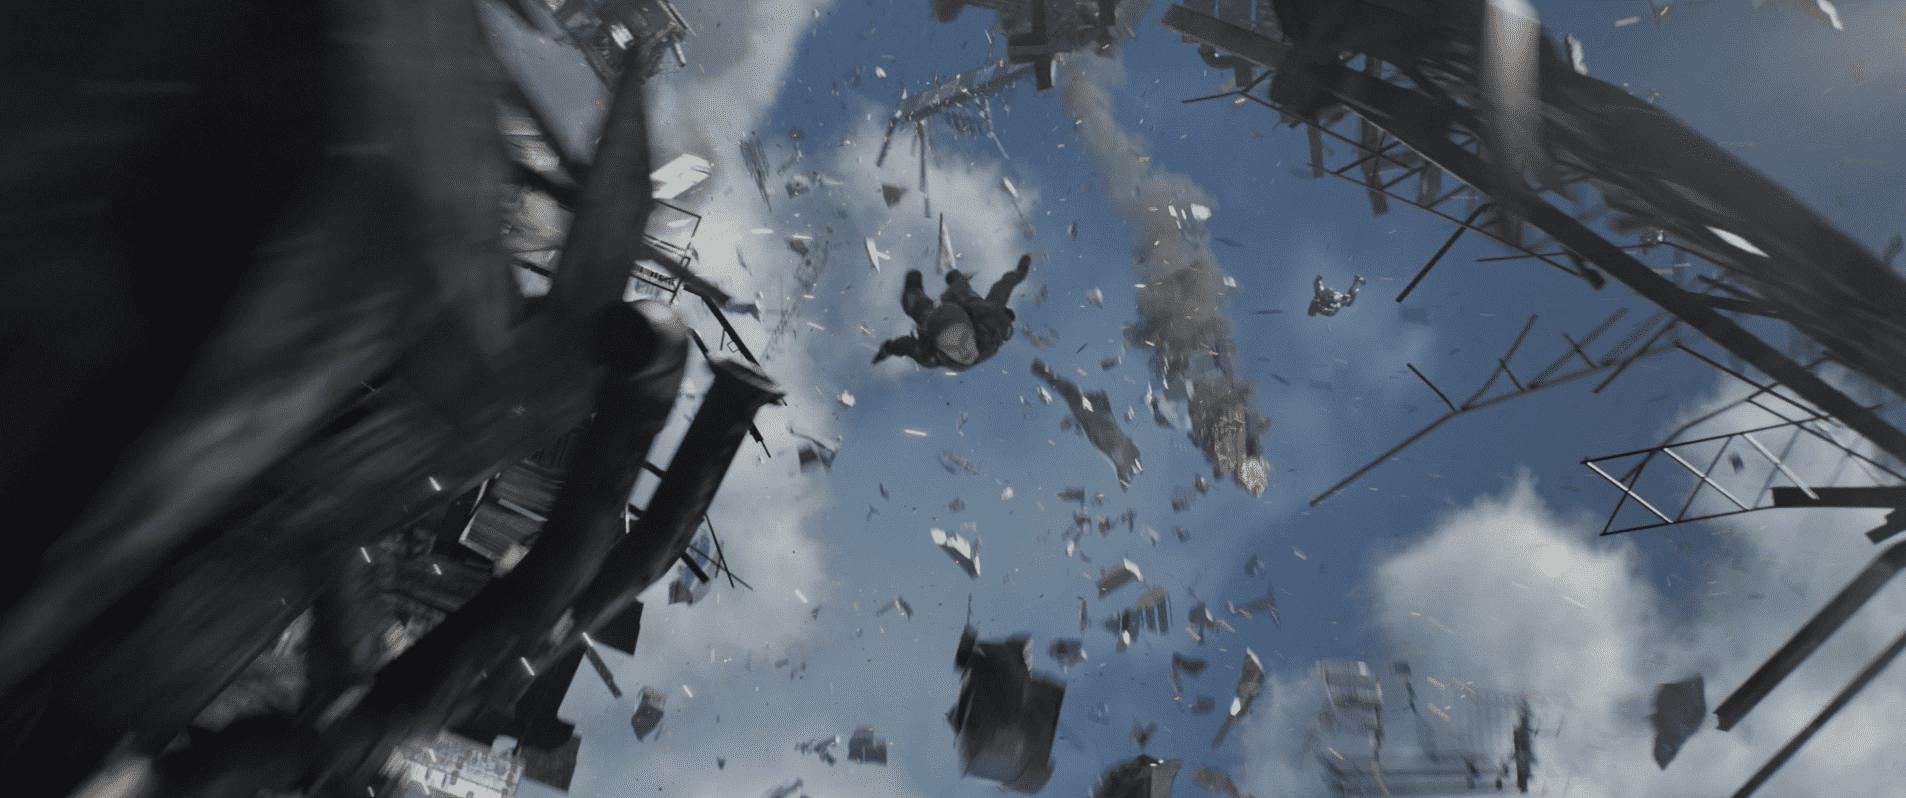 10 conclusiones principales del tráiler de Black Widow